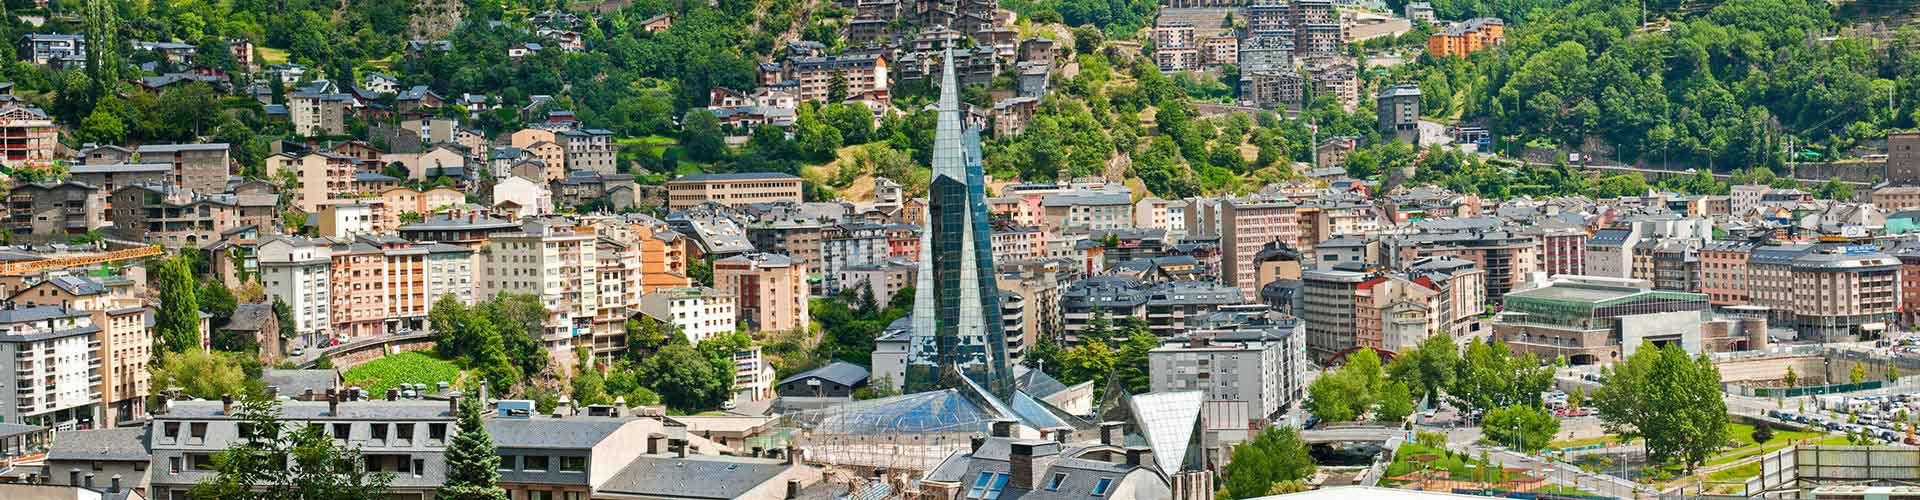 Andorra la Vella – Hostellit kohteessa Andorra la Vella. Andorra la Vella -karttoja, valokuvia ja arvosteluja kaikista Andorra la Vella -hostelleista.